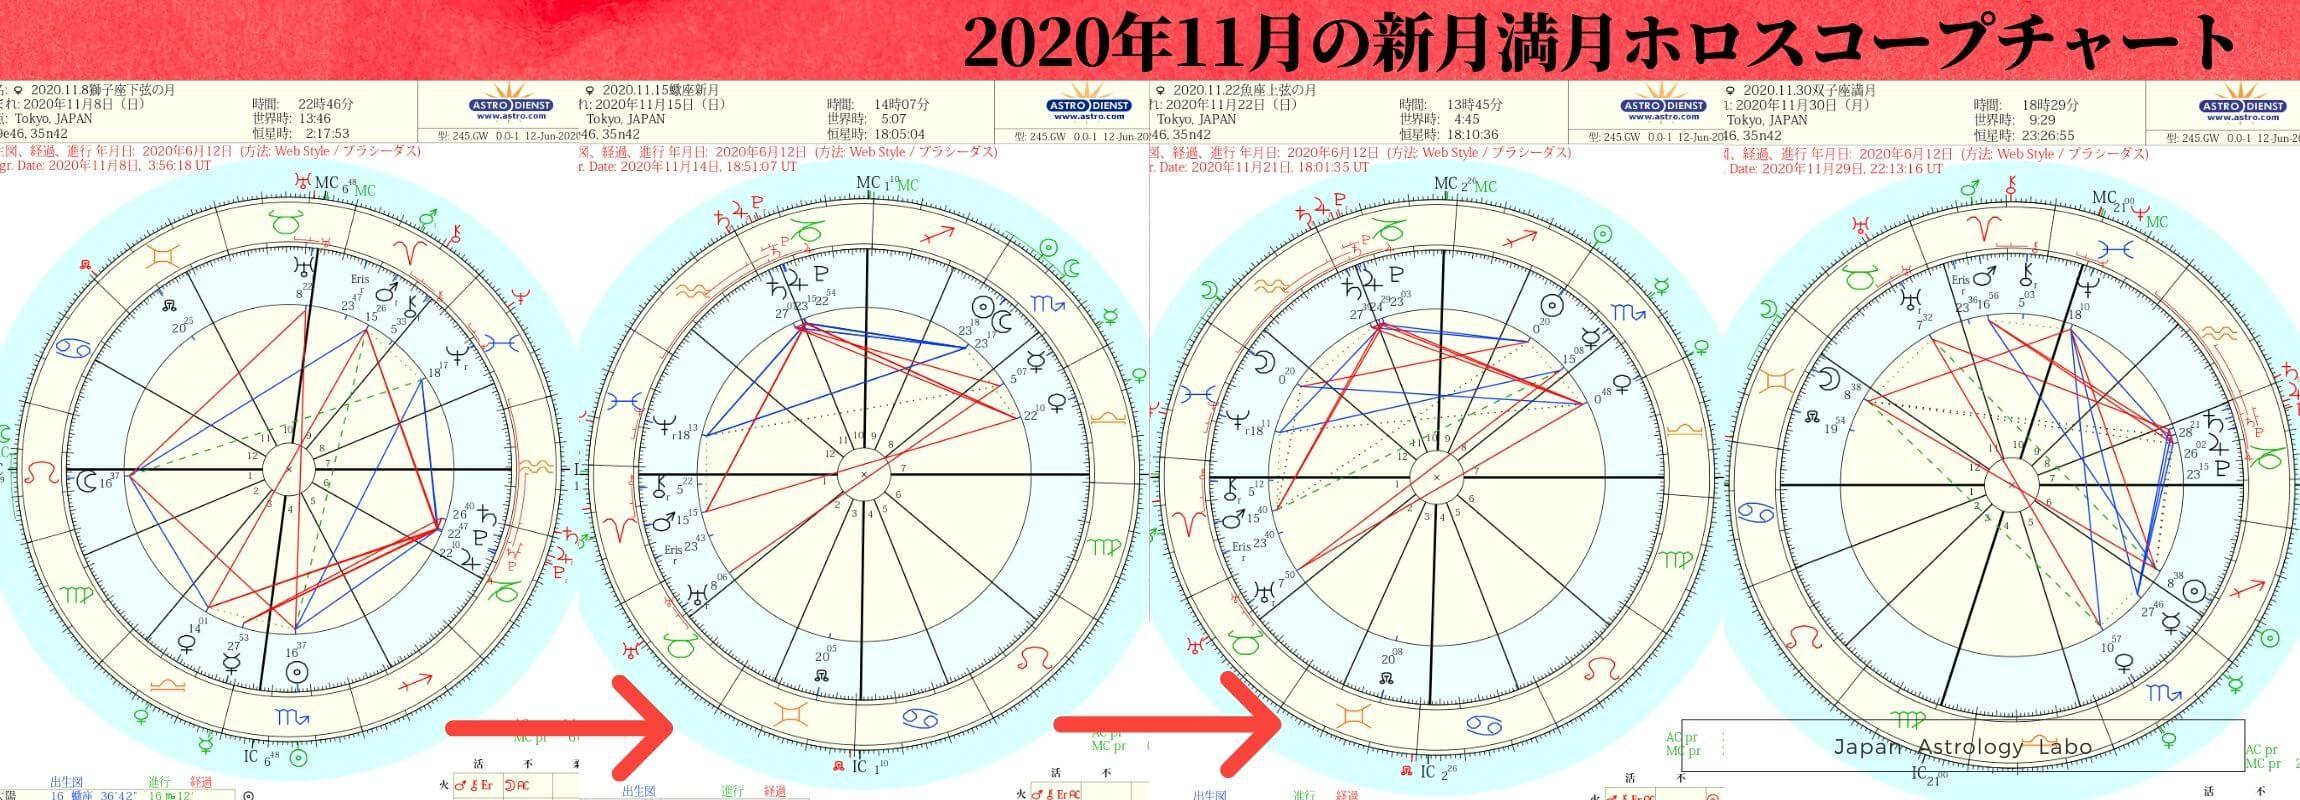 2020年11月の新月満月ホロスコープチャート